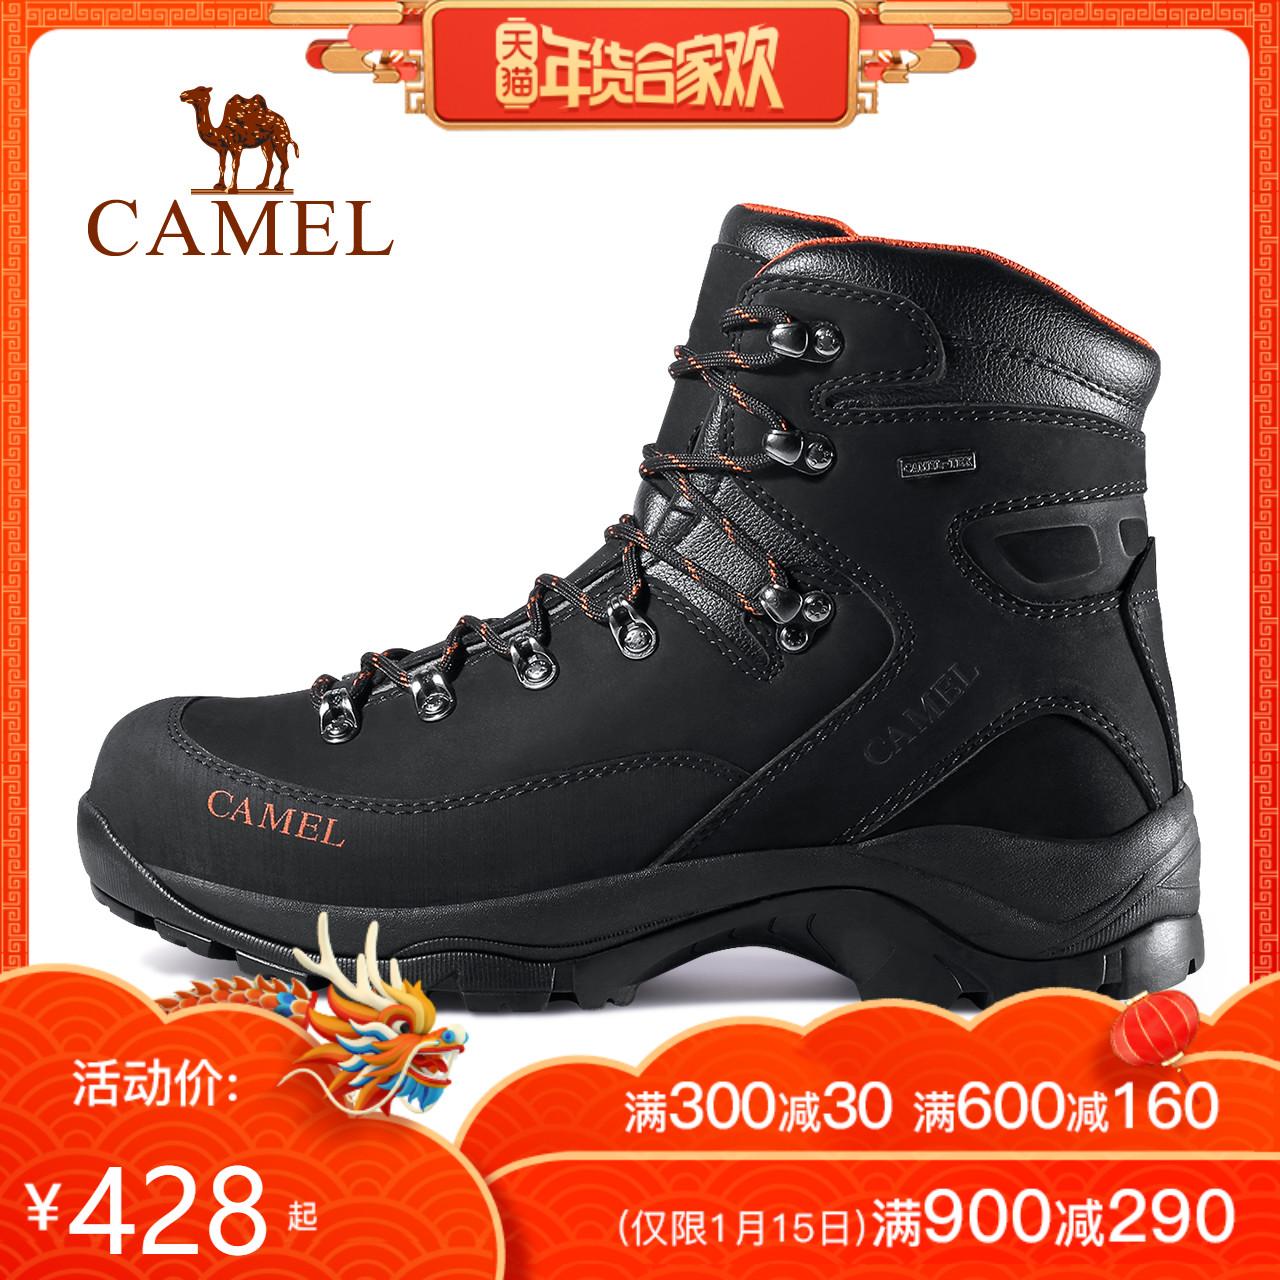 骆驼户外登山鞋男防撞防水防滑减震耐磨户外鞋牛皮高帮系带登山靴